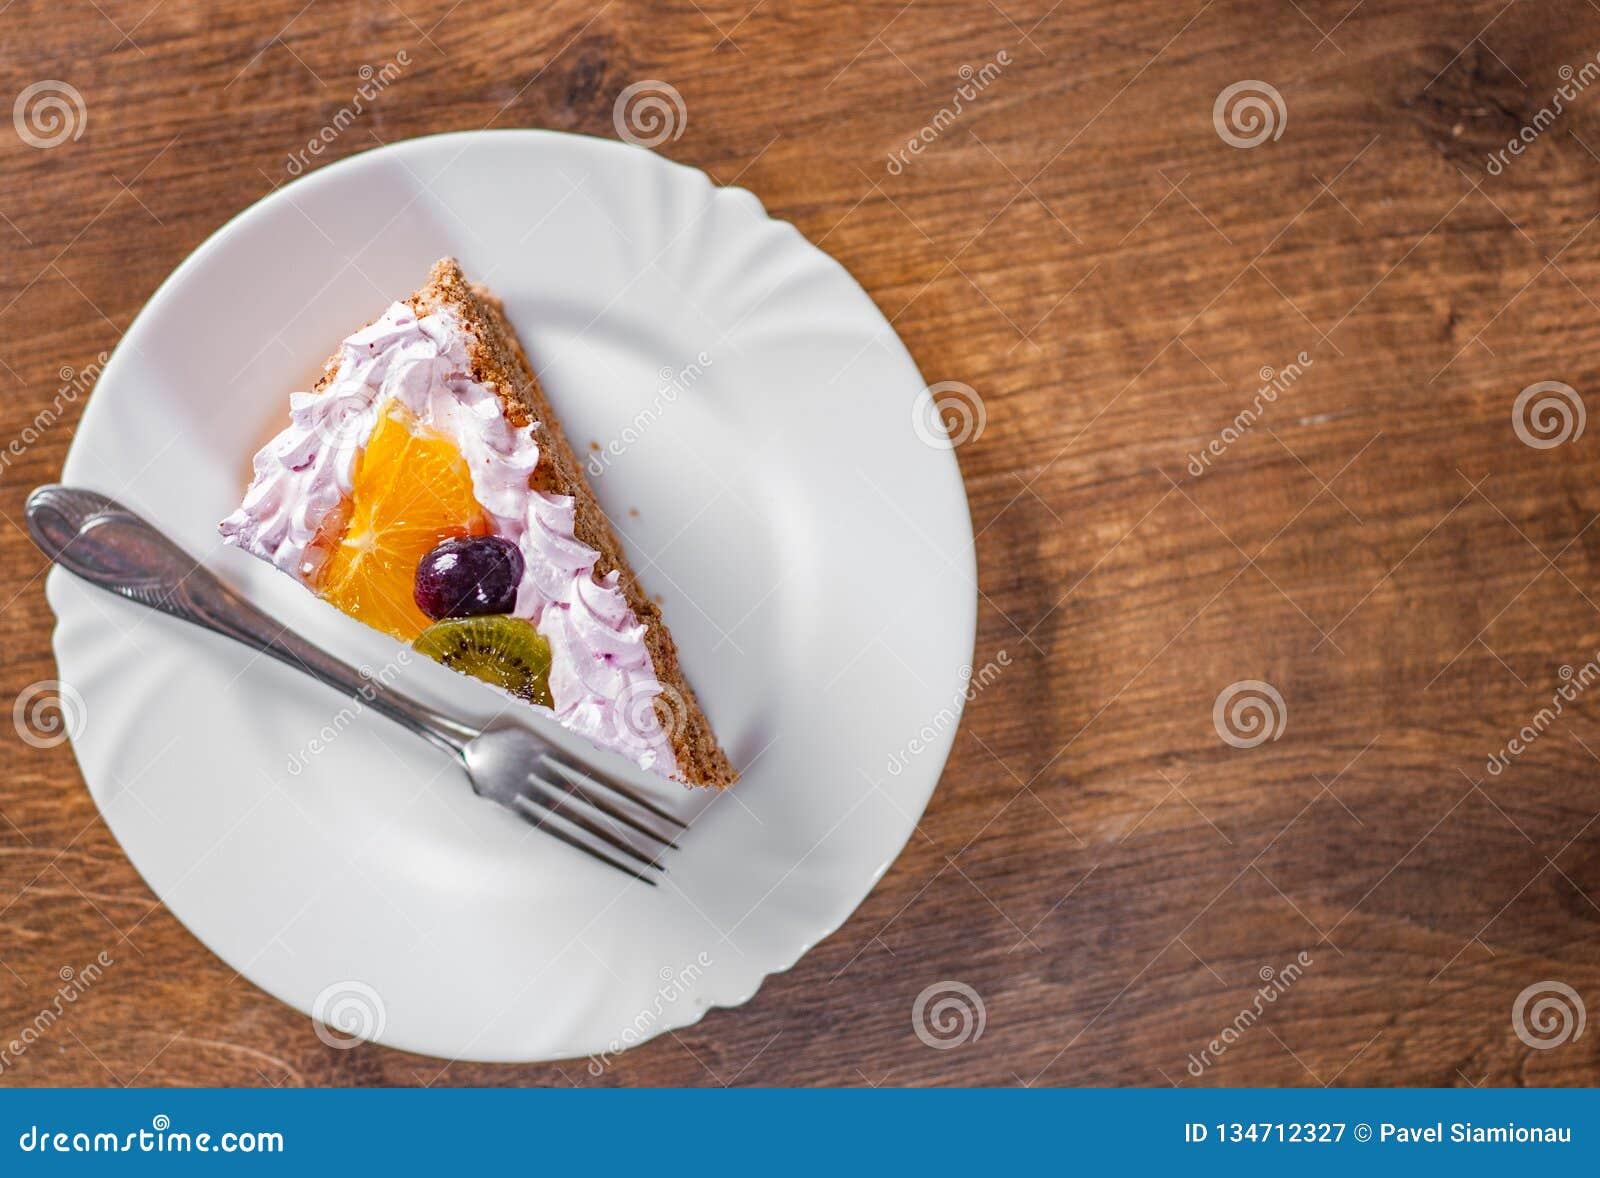 Scheibe des überlagerten Geburtstagskuchens mit Sahne mit Frucht in einer Platte auf hölzernem